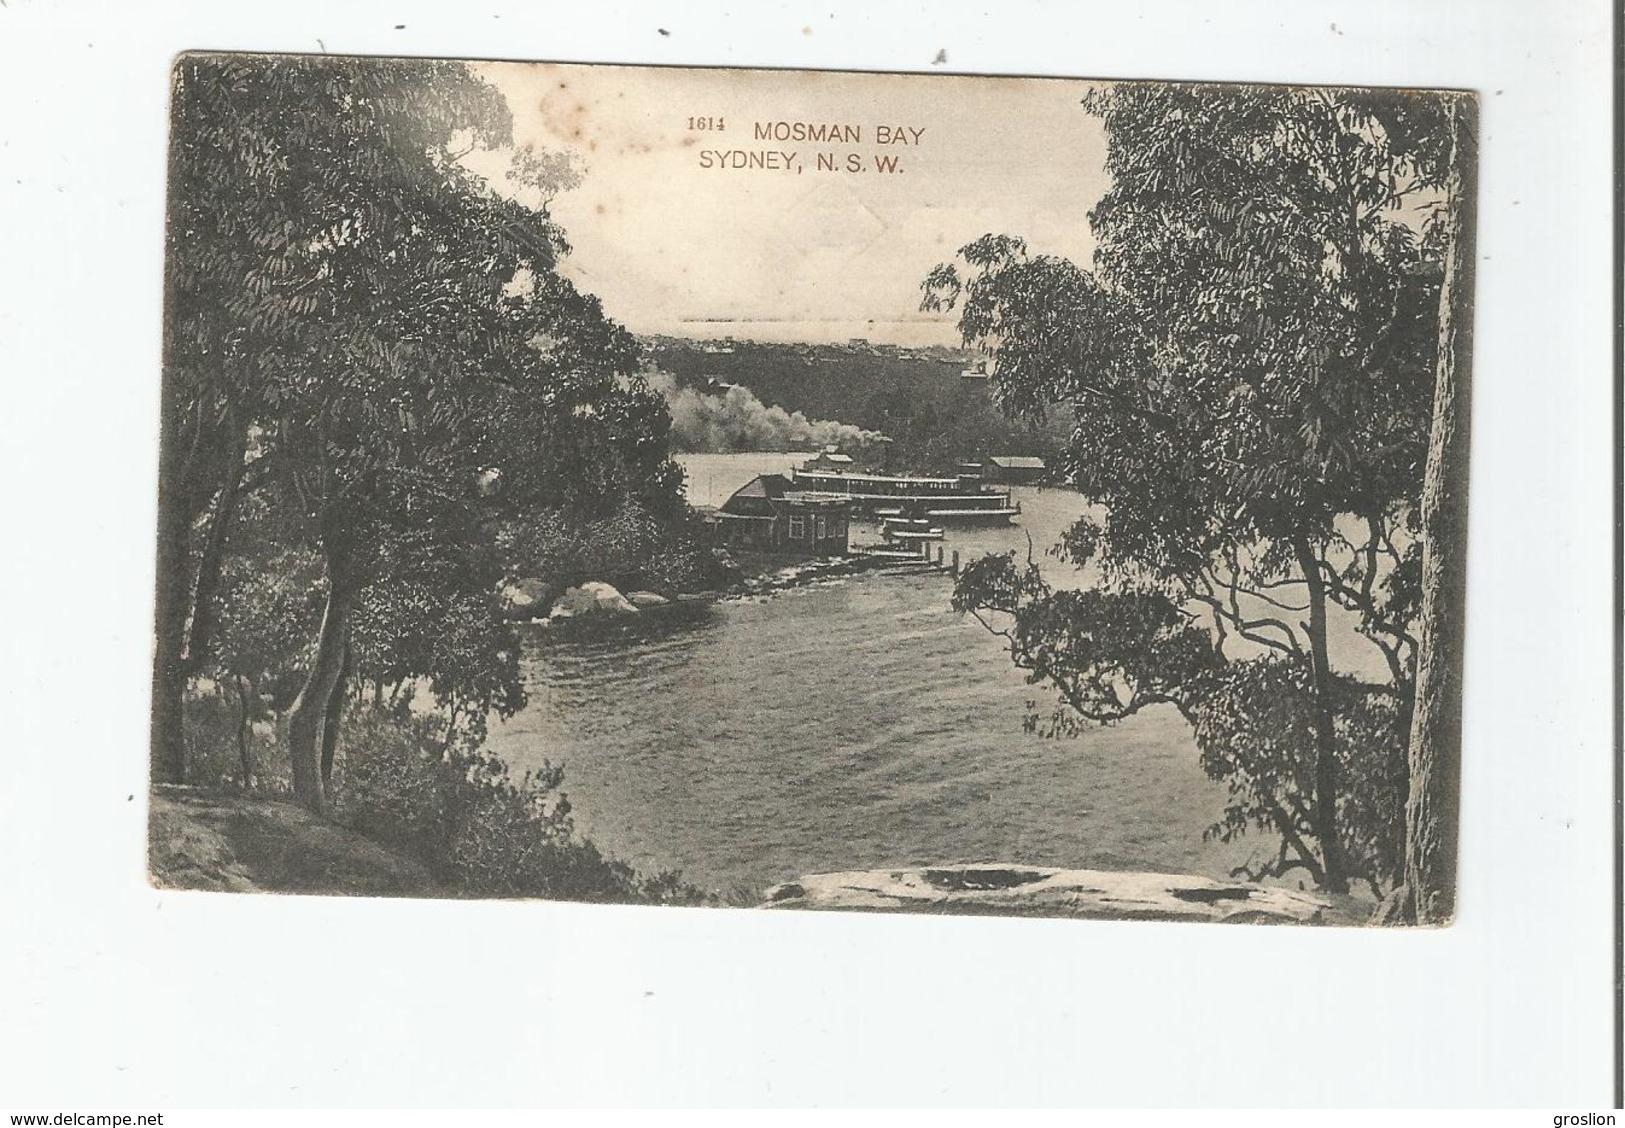 MOSMAN BAY 1614 SYDNEY N S W 1913 - Sydney